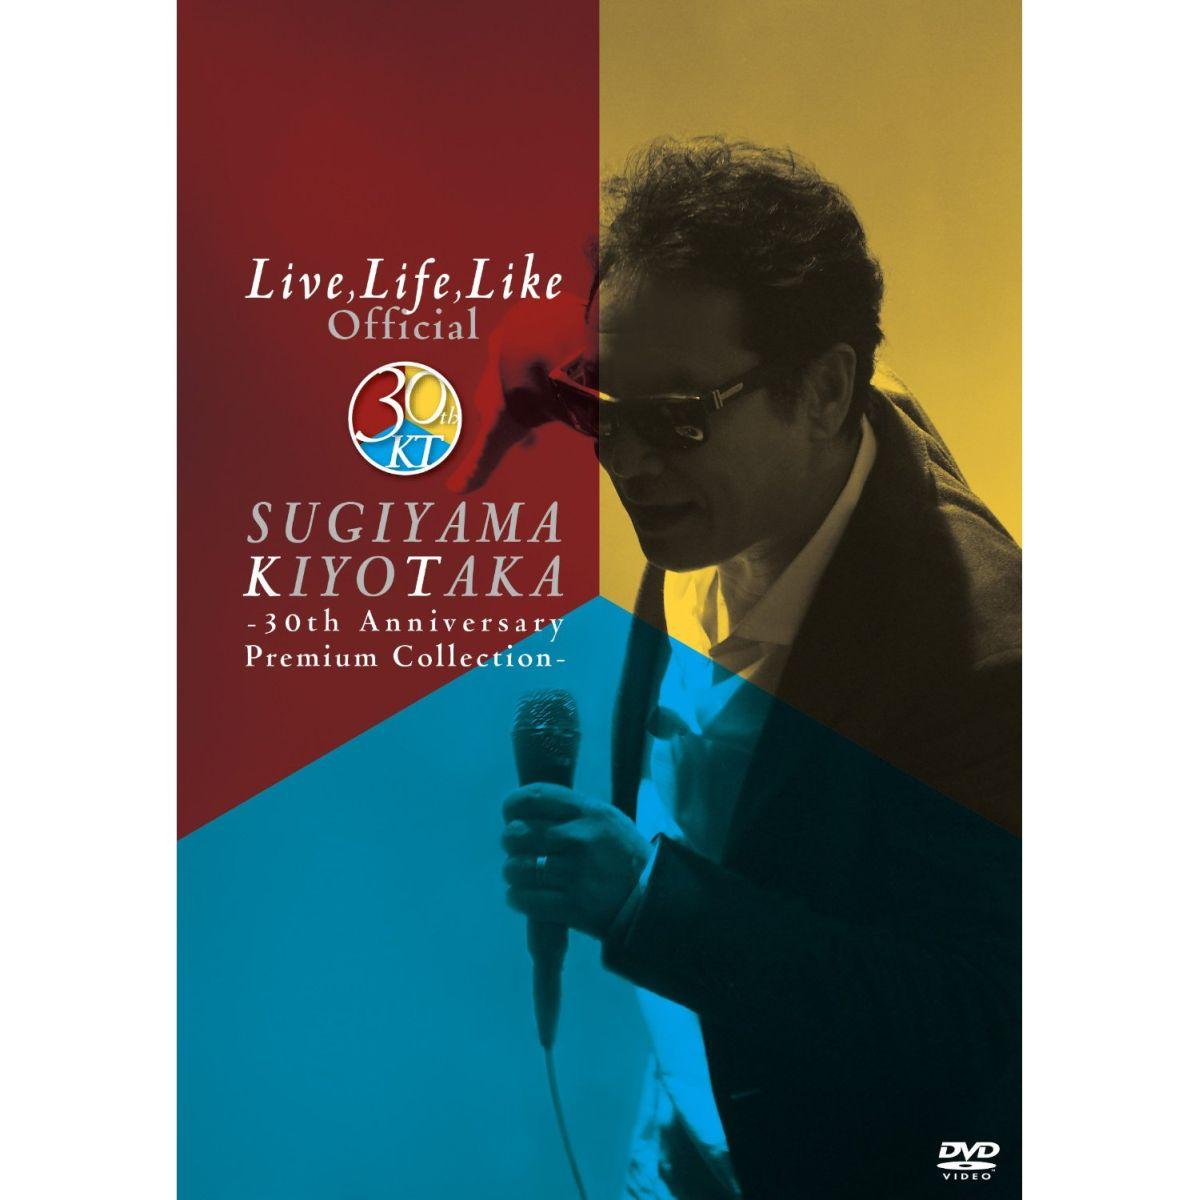 杉山清貴/Live,Life,Like Official -30th Anniversary Premium Collection-画像